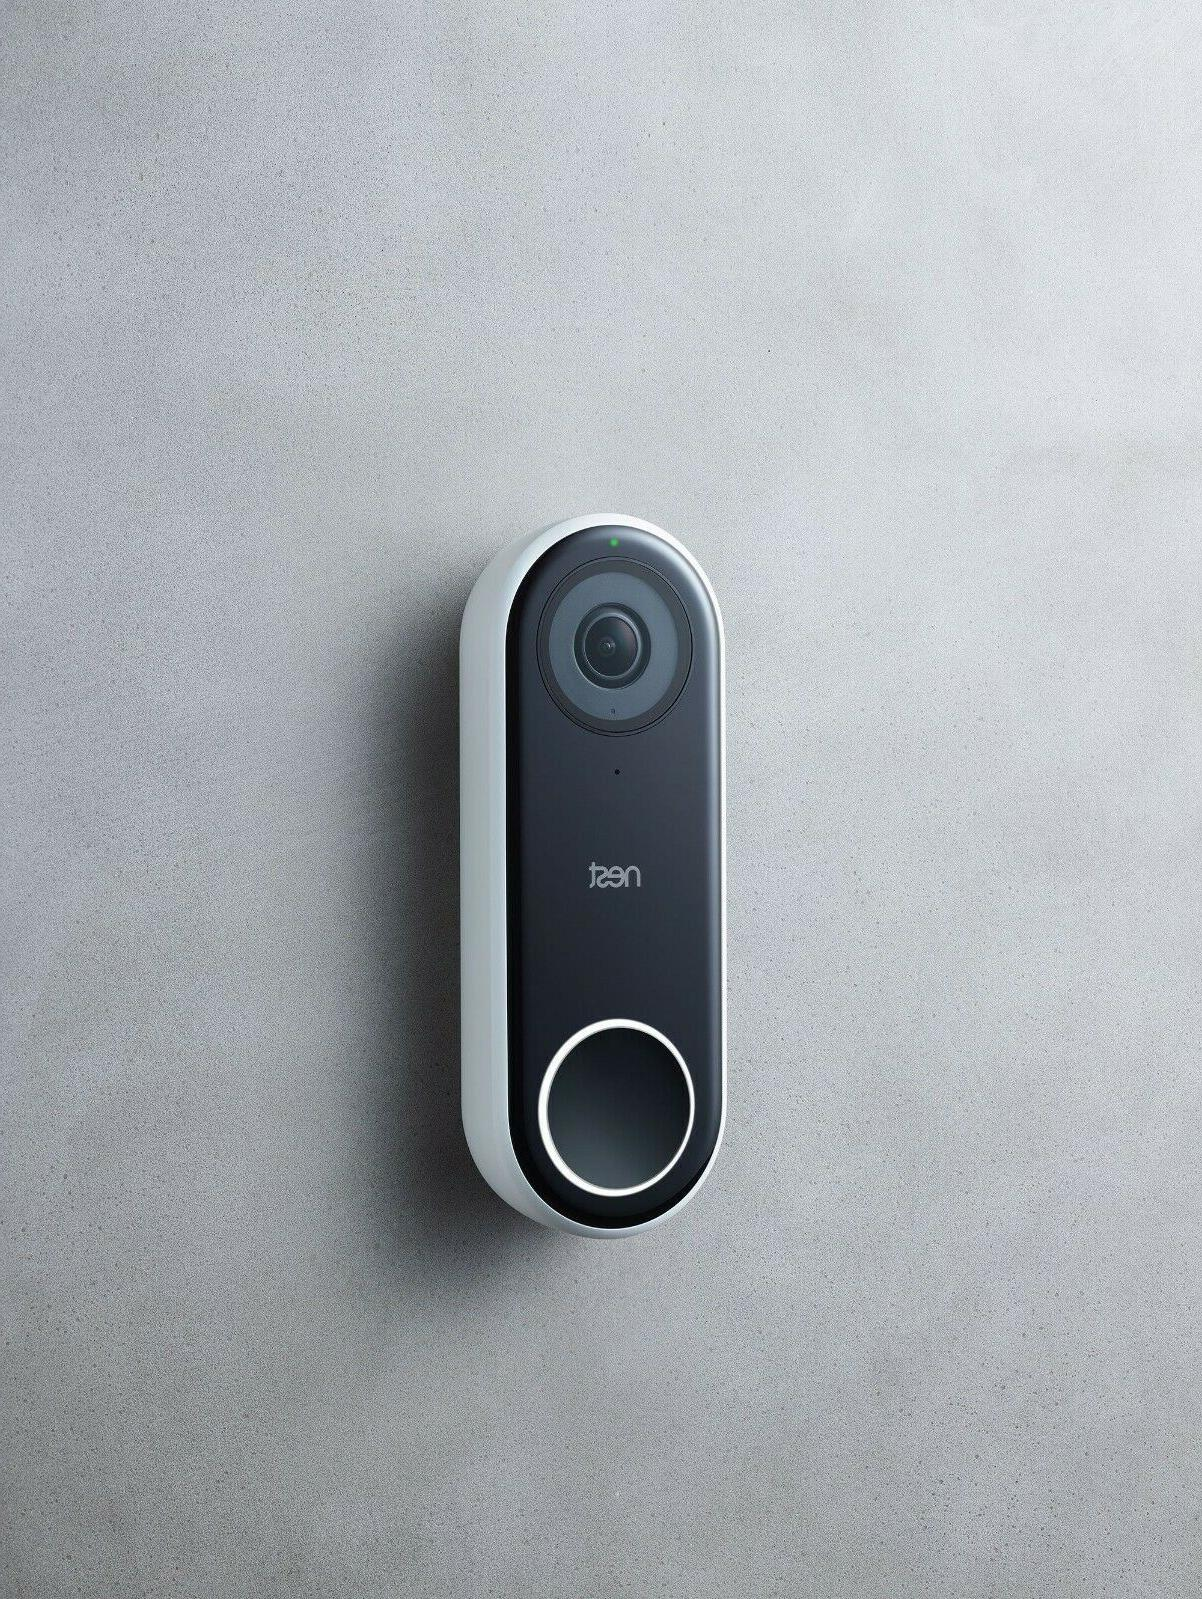 Google Nest Wi-Fi Video